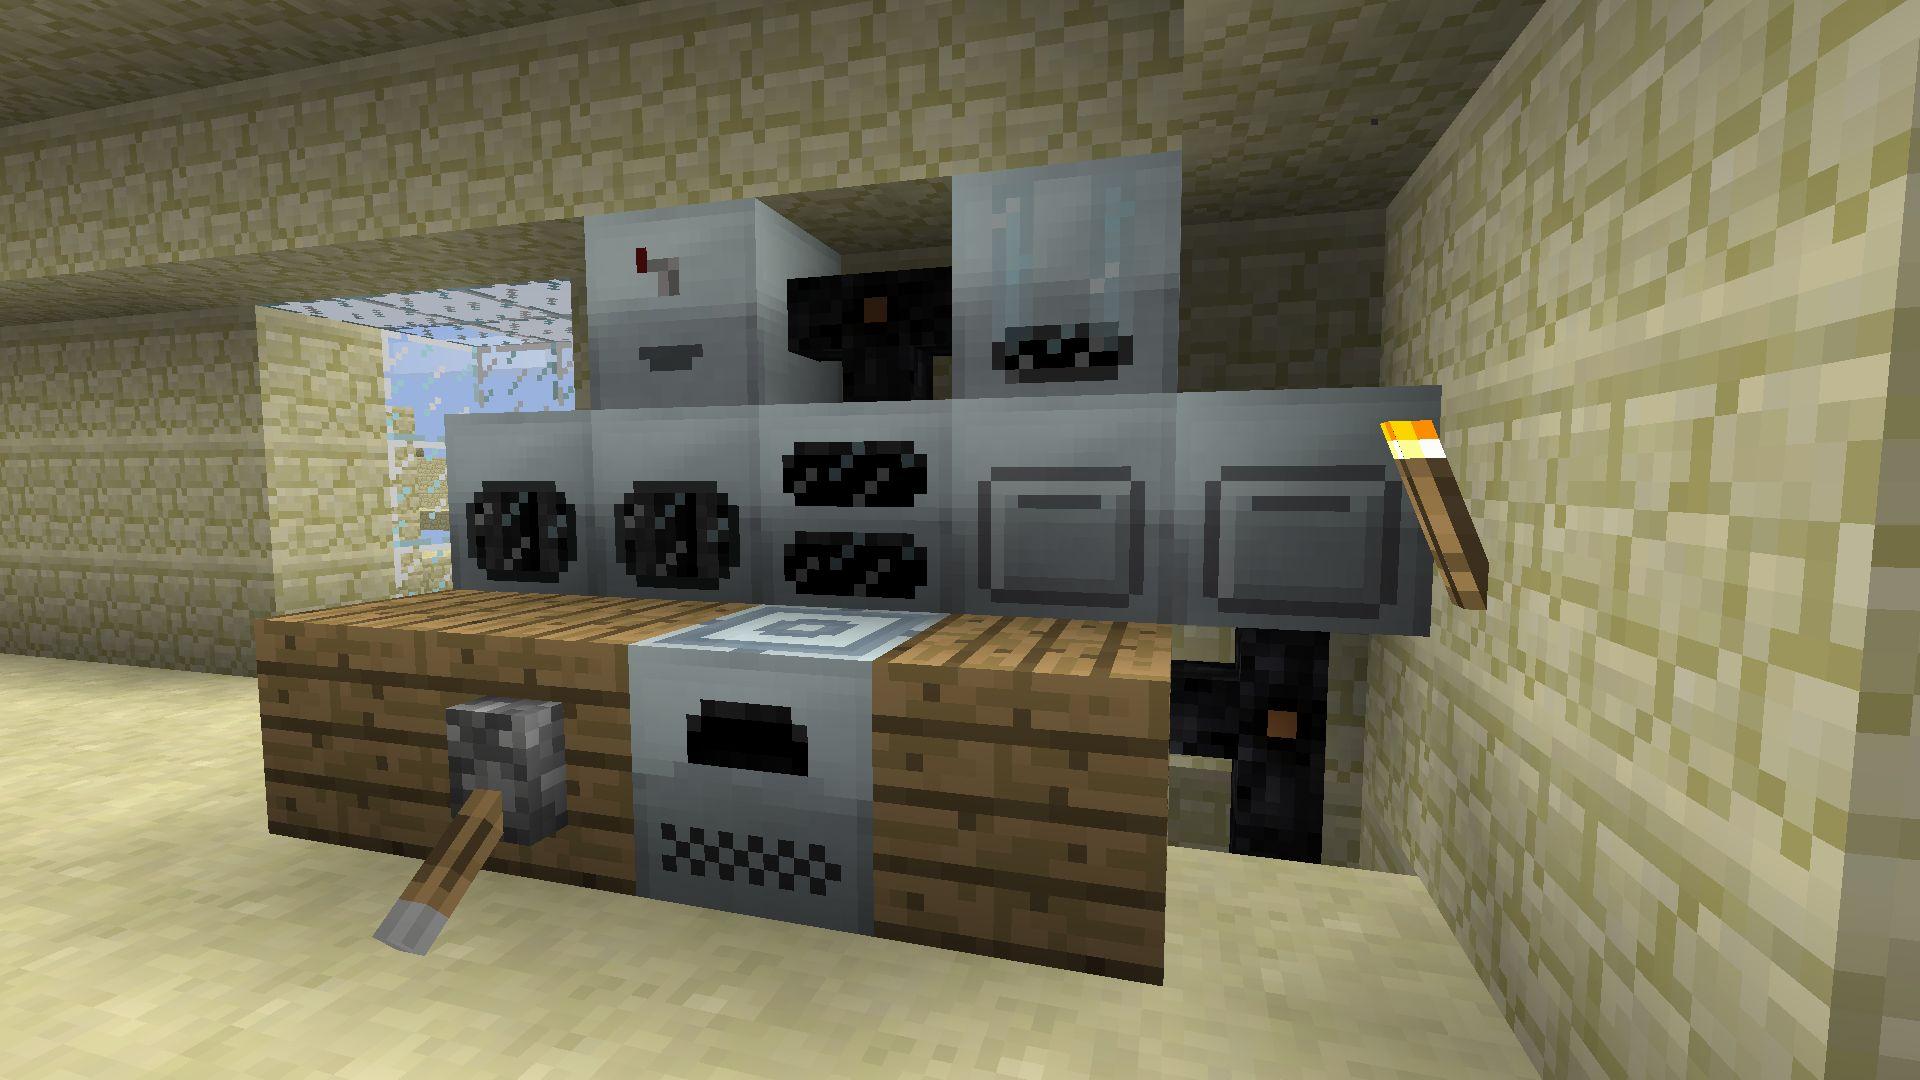 Industrial craft 2 v1 112 170 minecraft 1 7 2